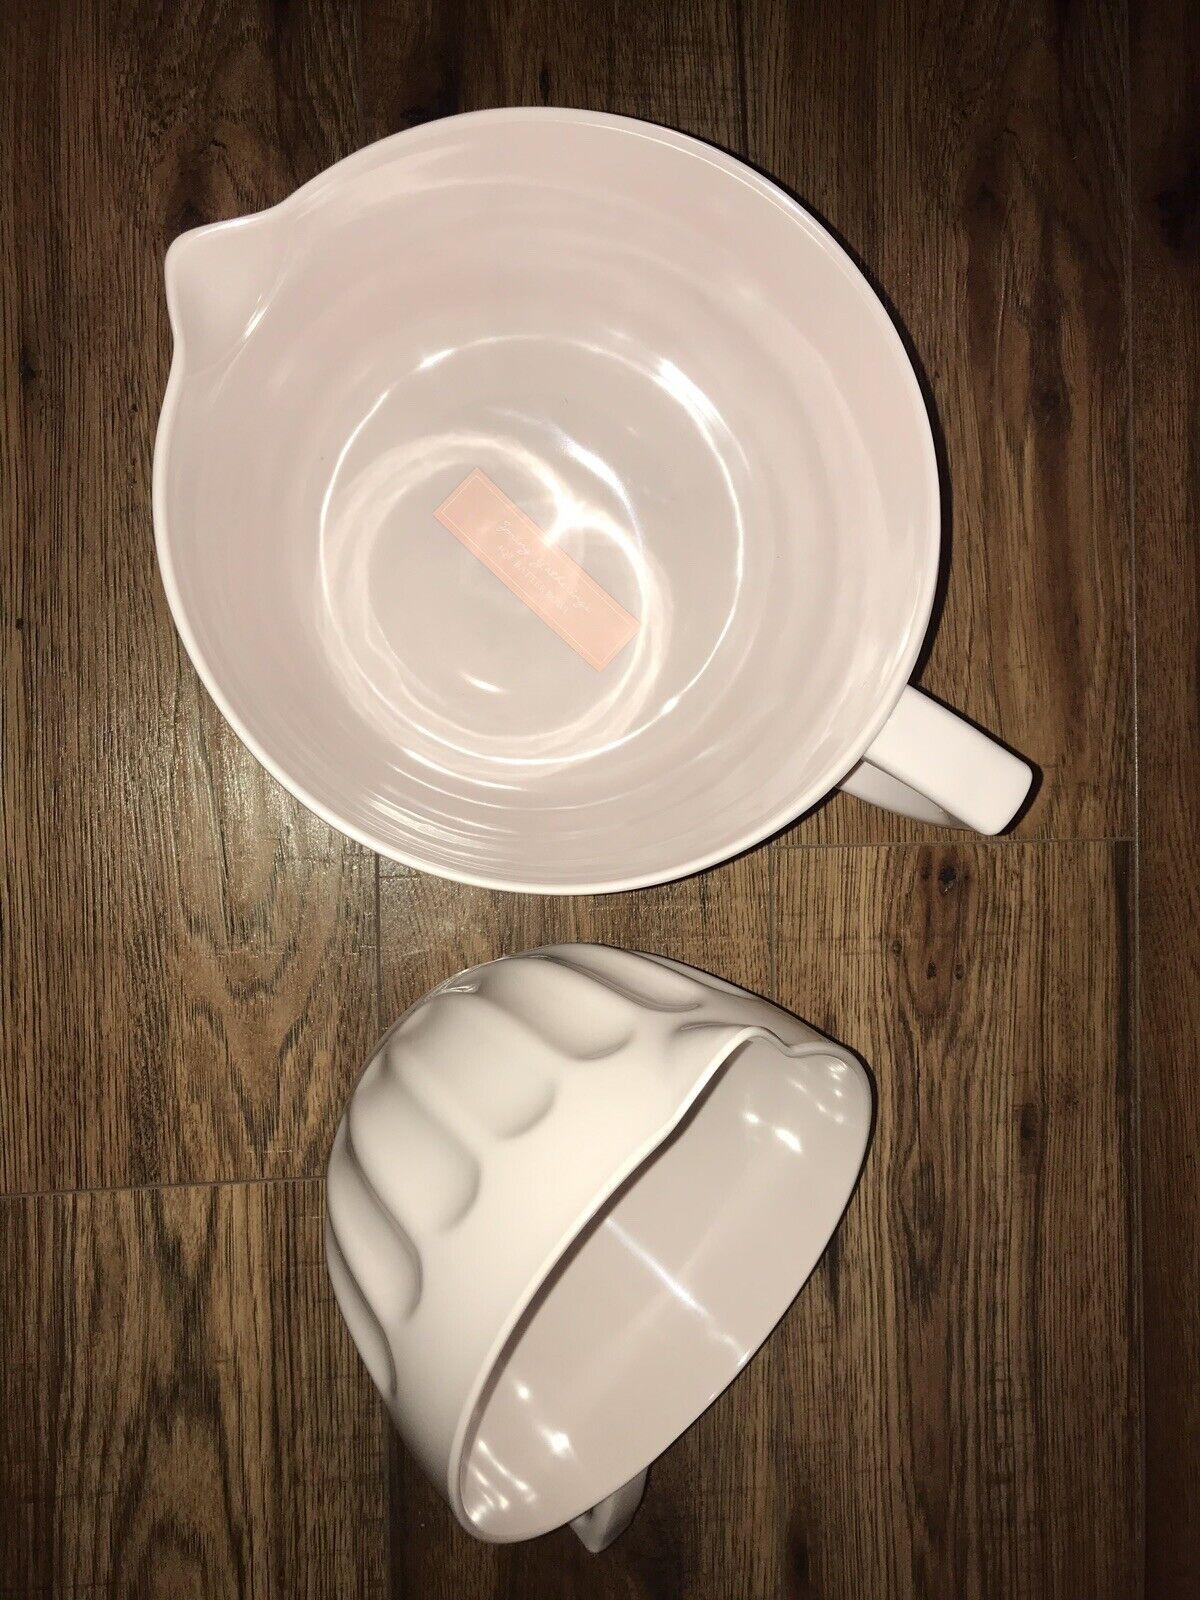 CYNTHIA ROWLEY NON SLIP Mélamine 2 Qt & 4 Qt Batter bols avec Poignée Rose Nouveau